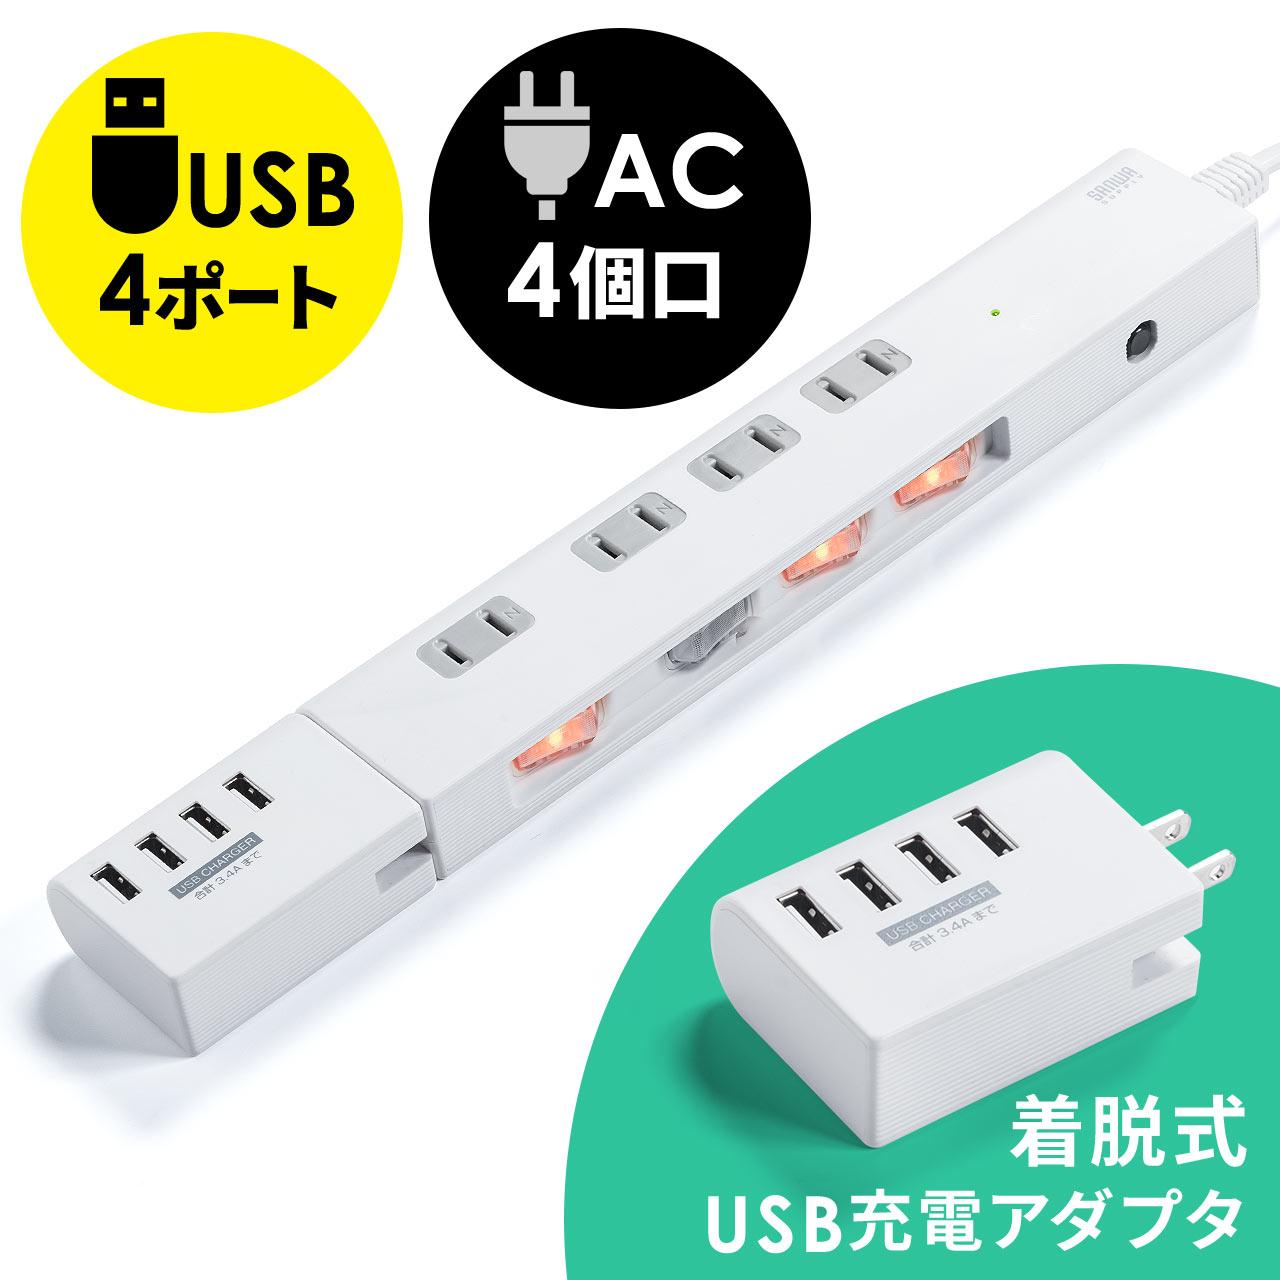 電源タップ(usb-ac充電アダプタ付・4個口・個別スイッチ付・2極・2m